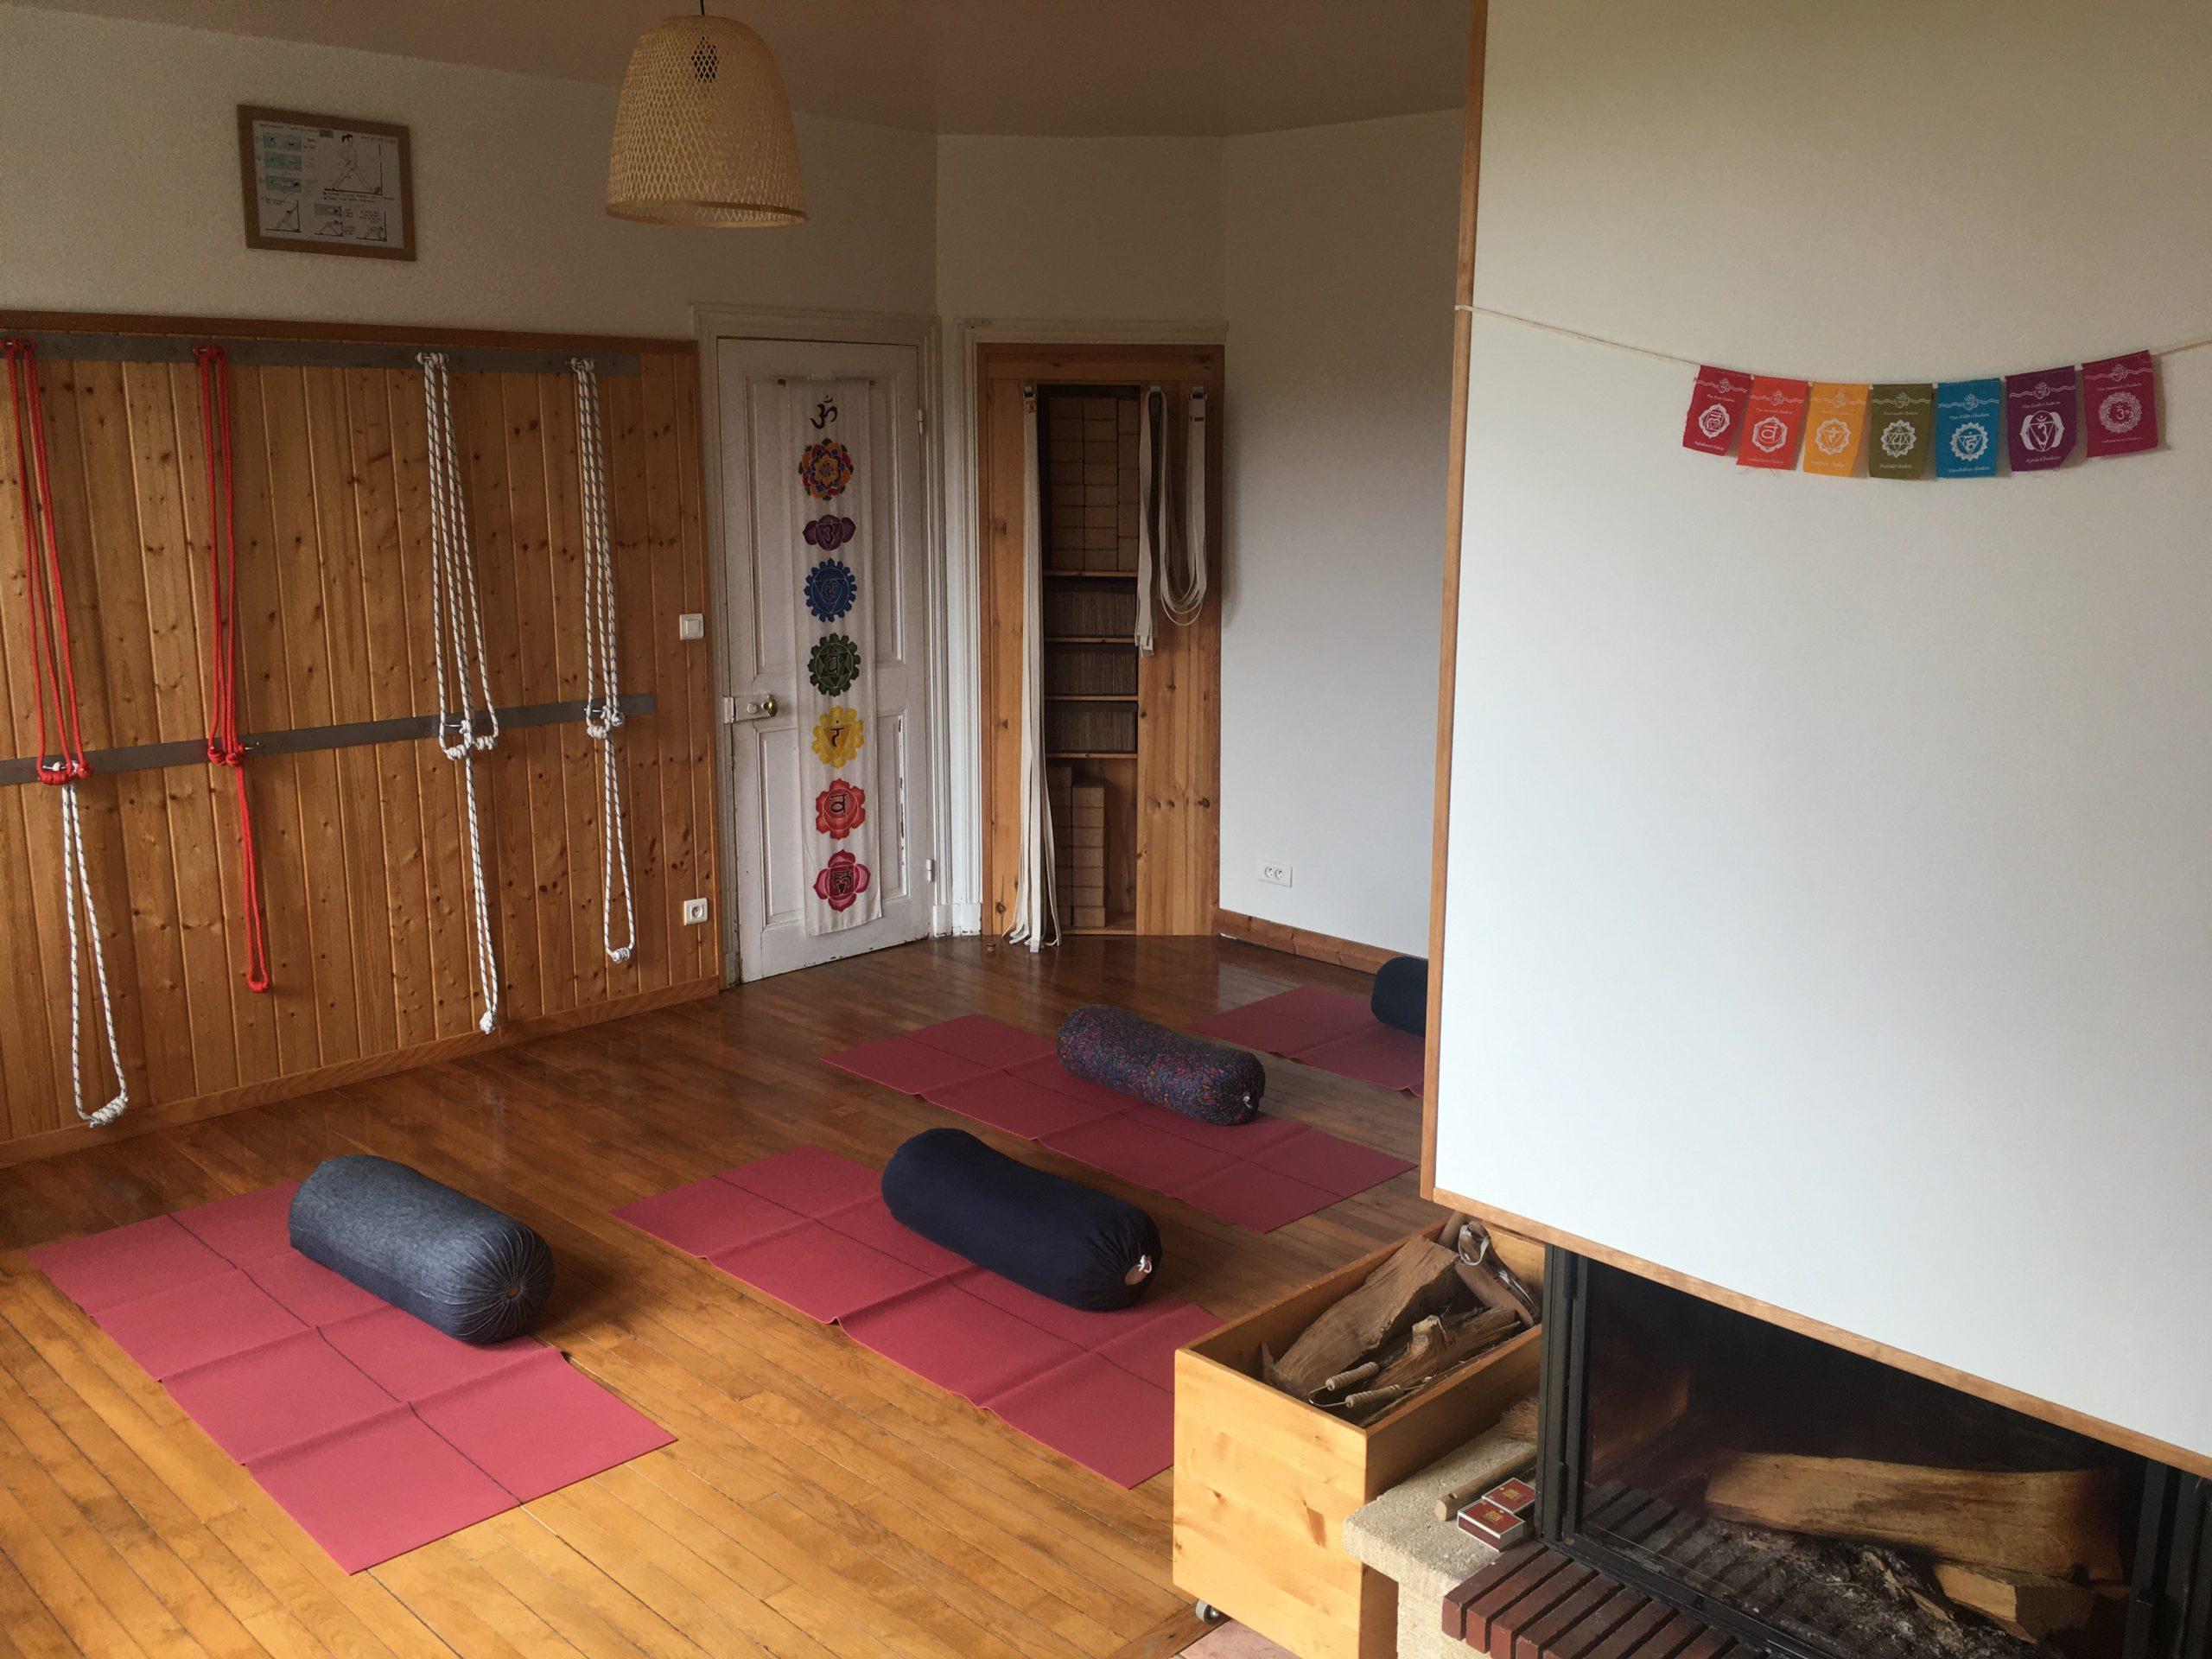 Salle du centre de yoga